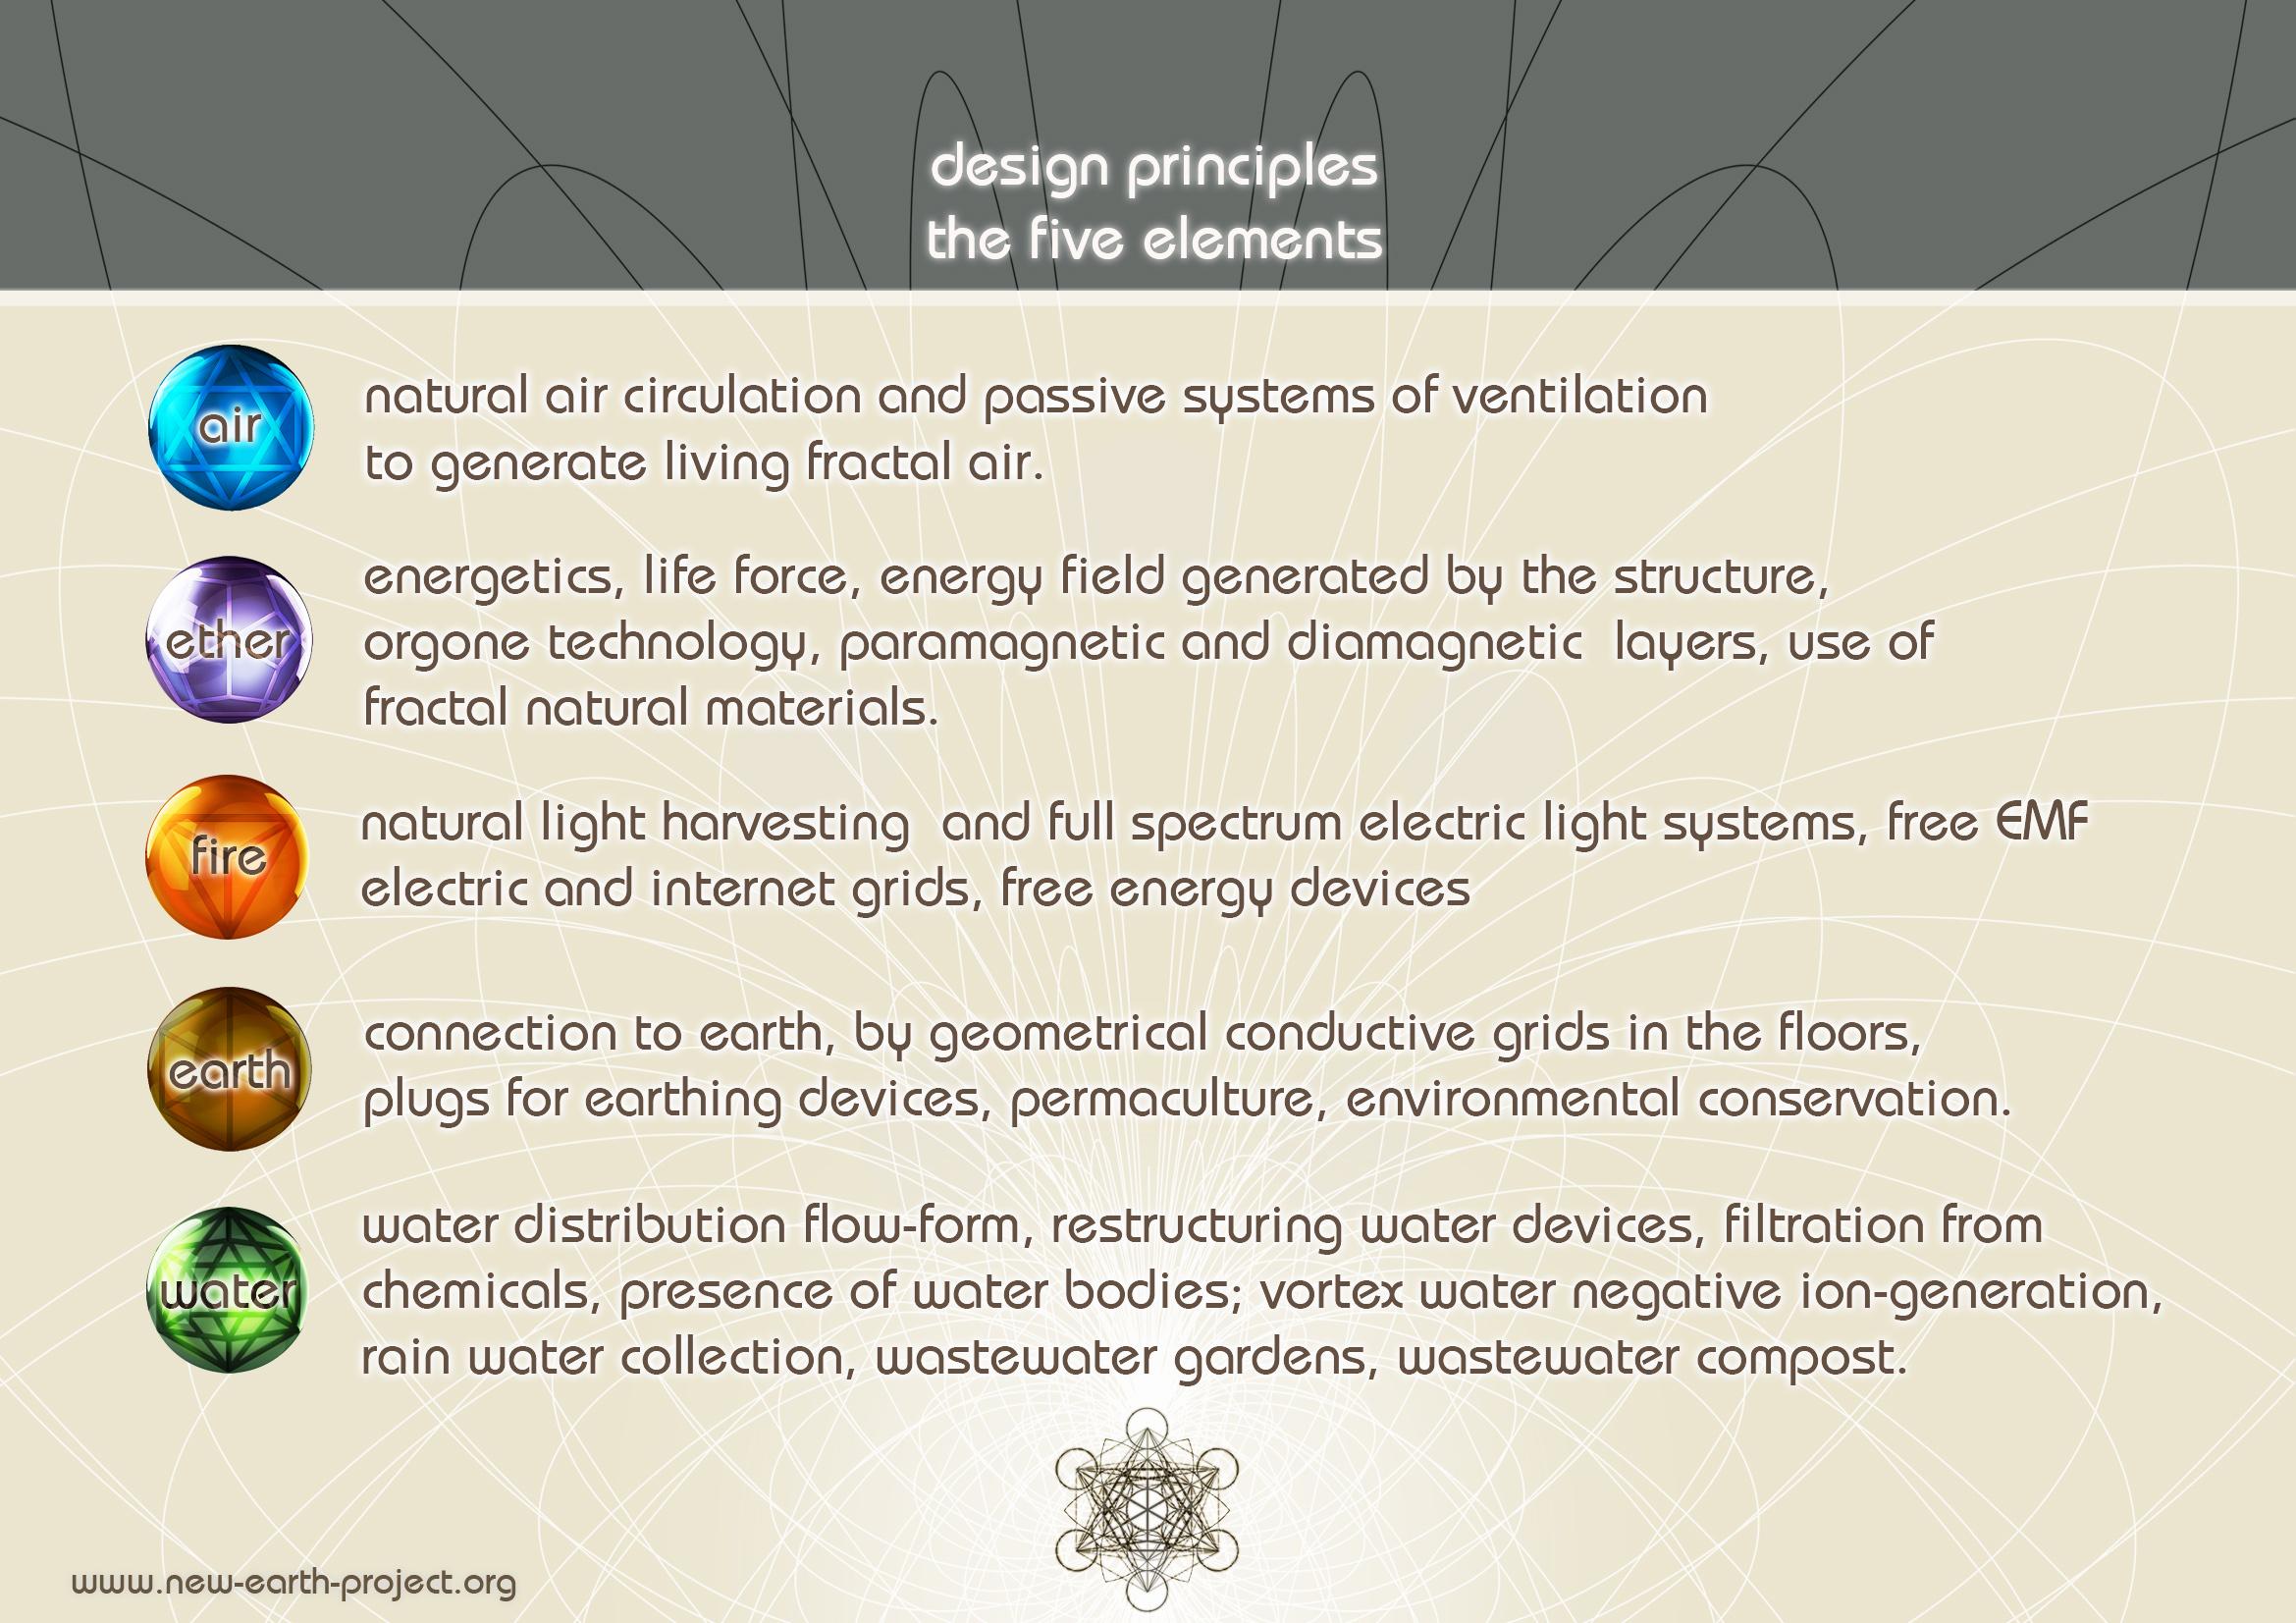 5 elements descriptions.jpg